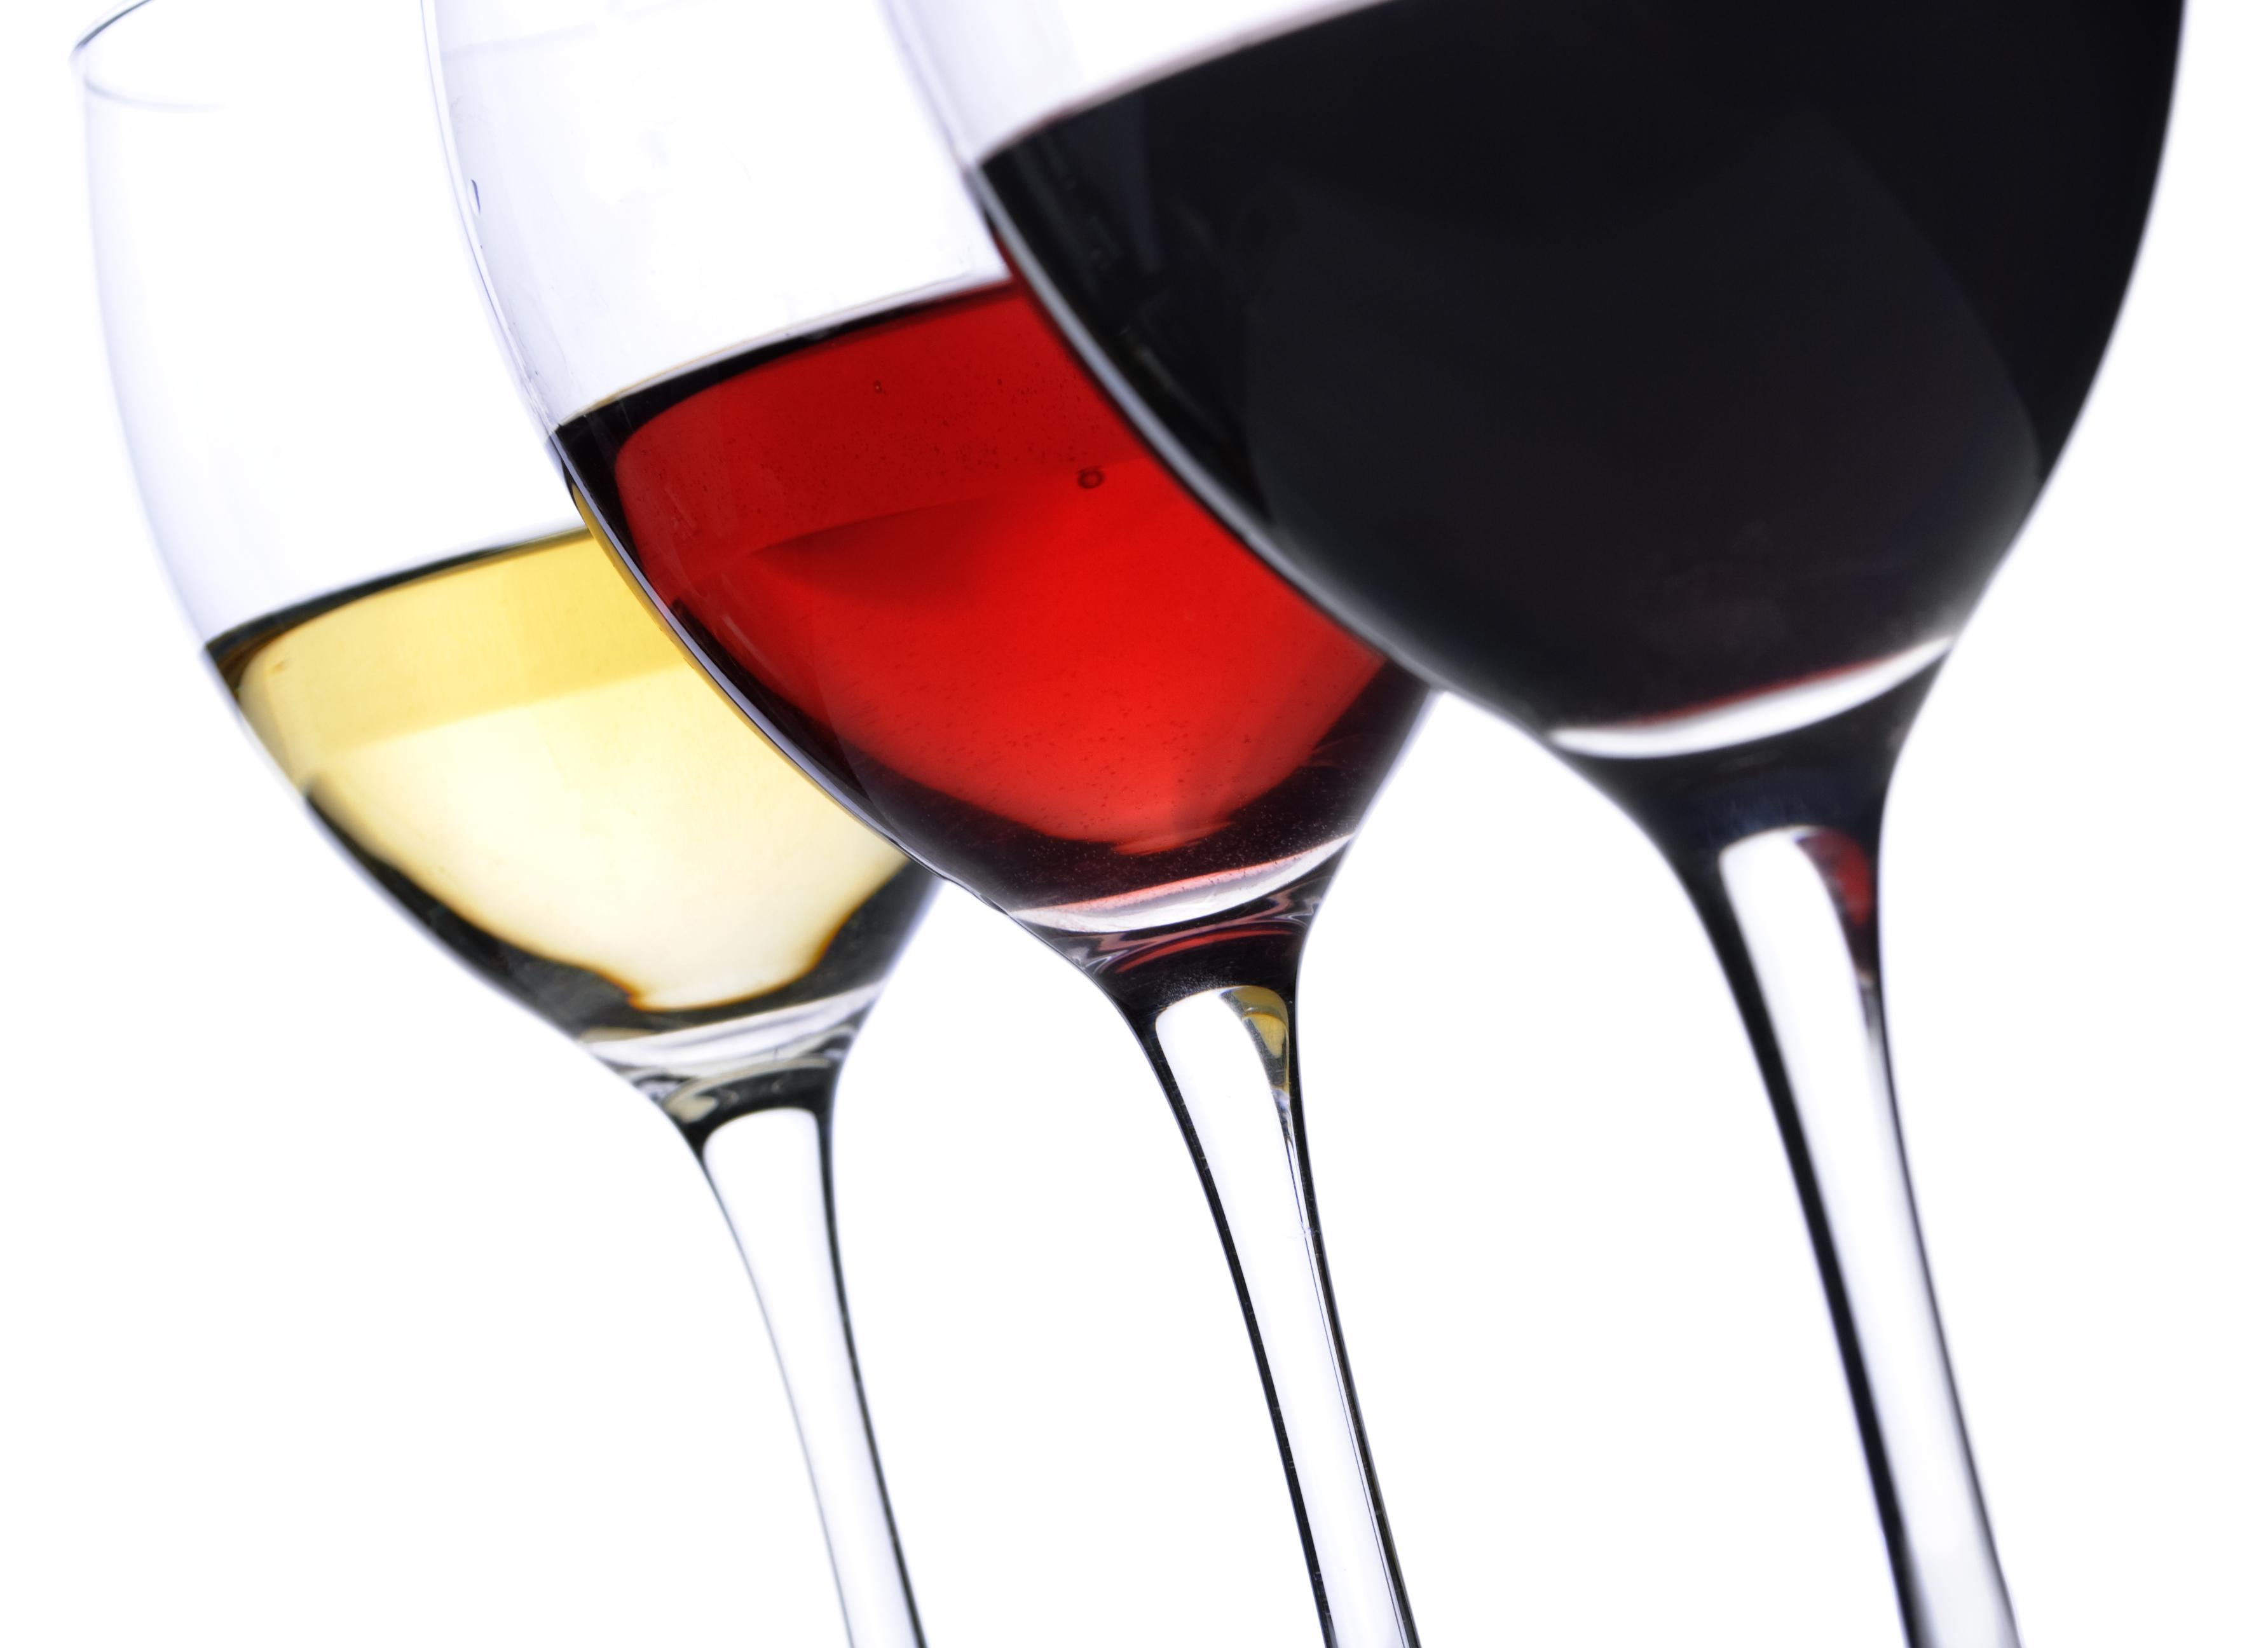 tres-vinos1